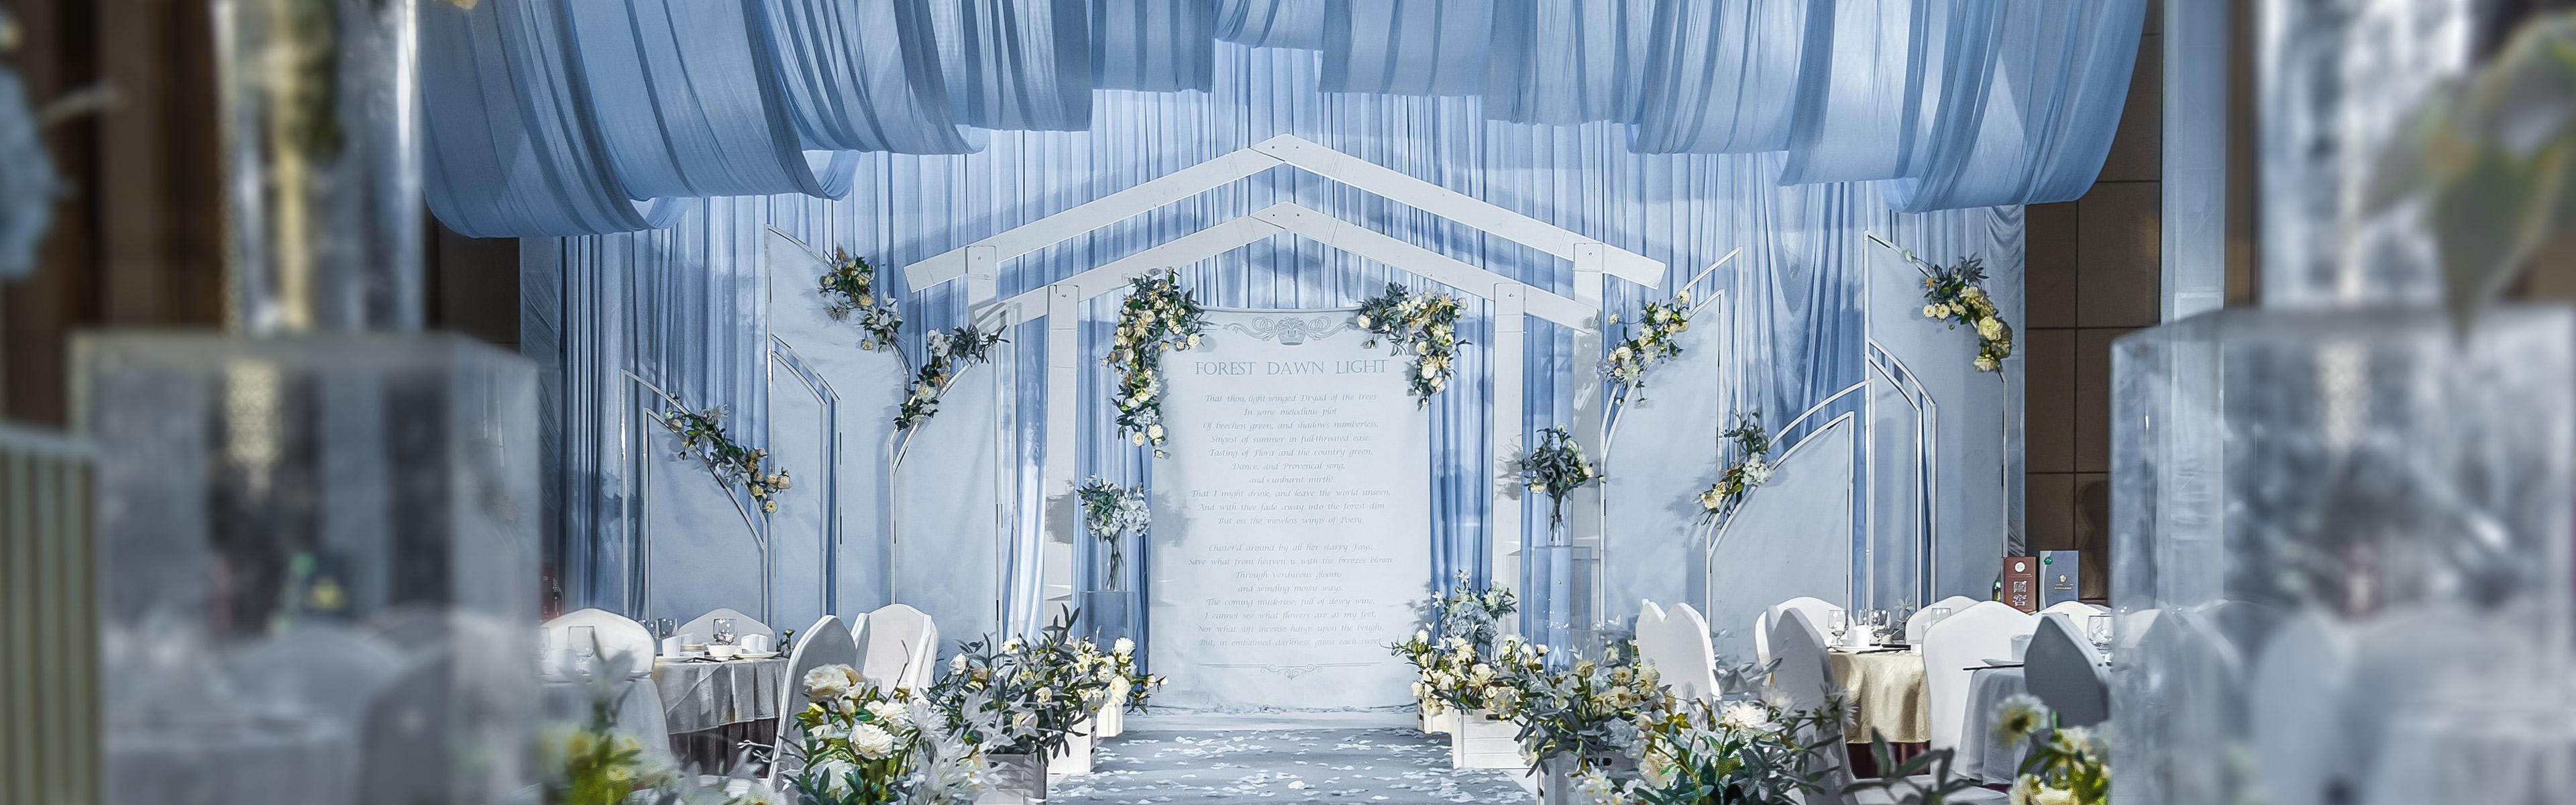 兴宁婚庆策划案例:最美婚礼 第9期 | 湖南 长沙